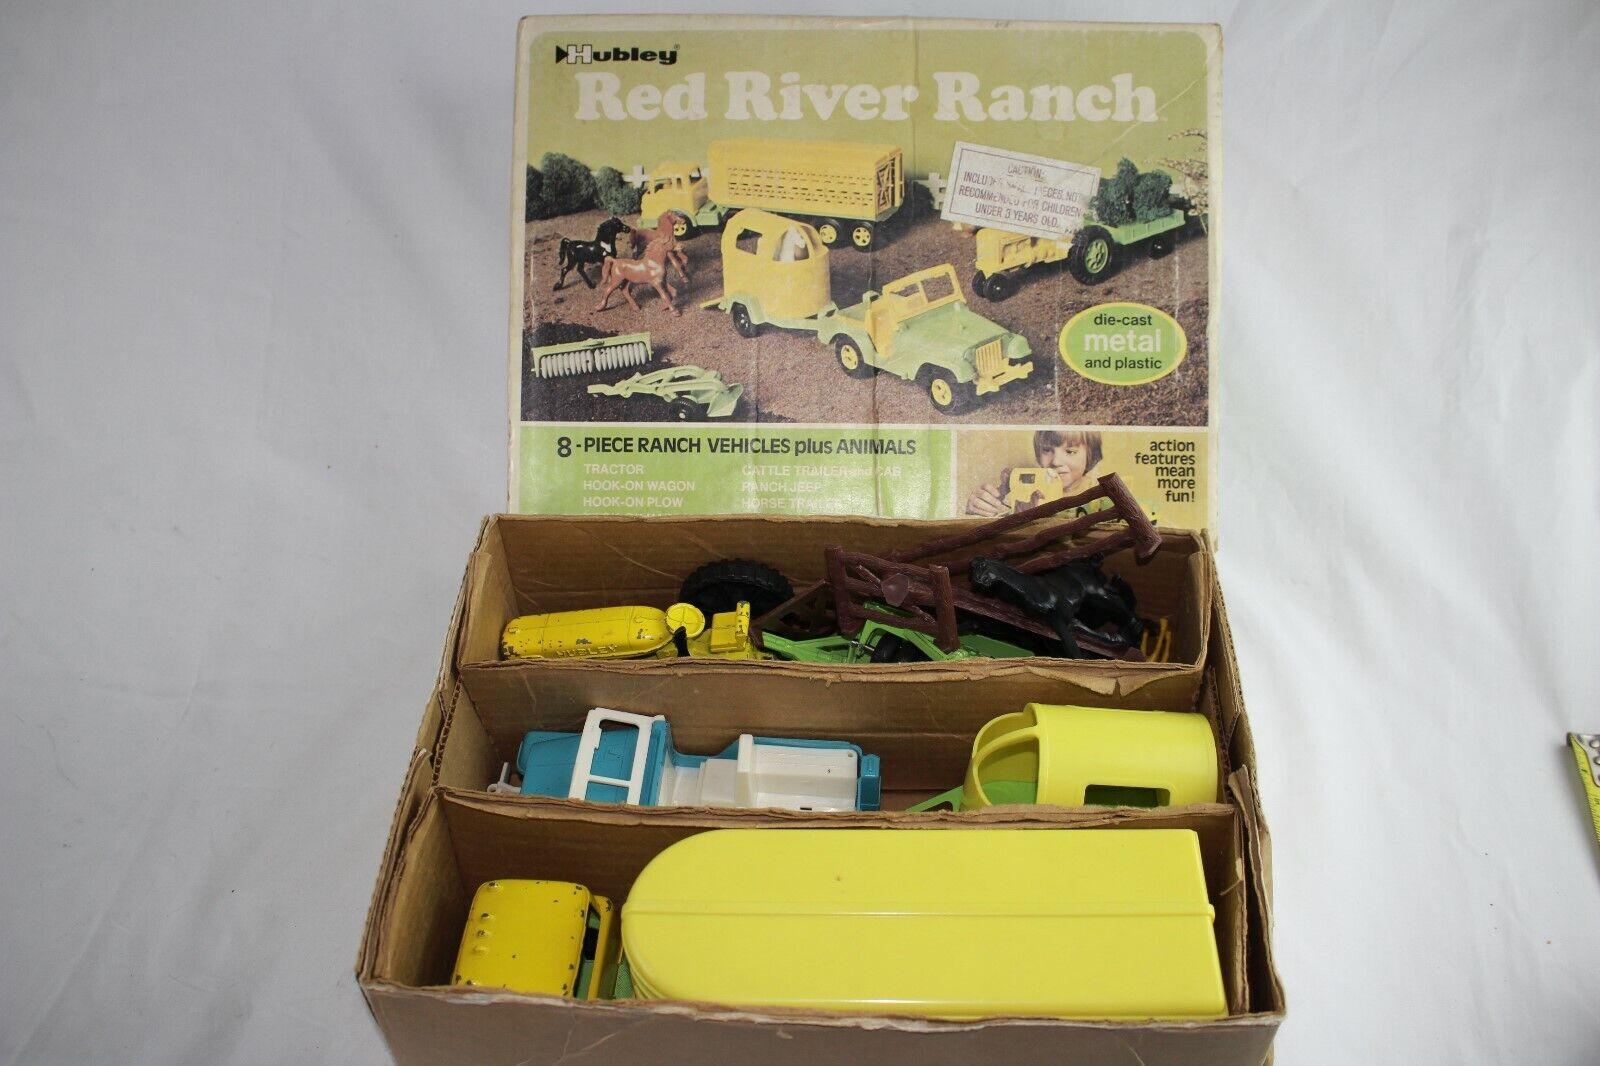 Hubley tärningskast Metal röd River Farm och Ranch Set, med låda, Nice Original